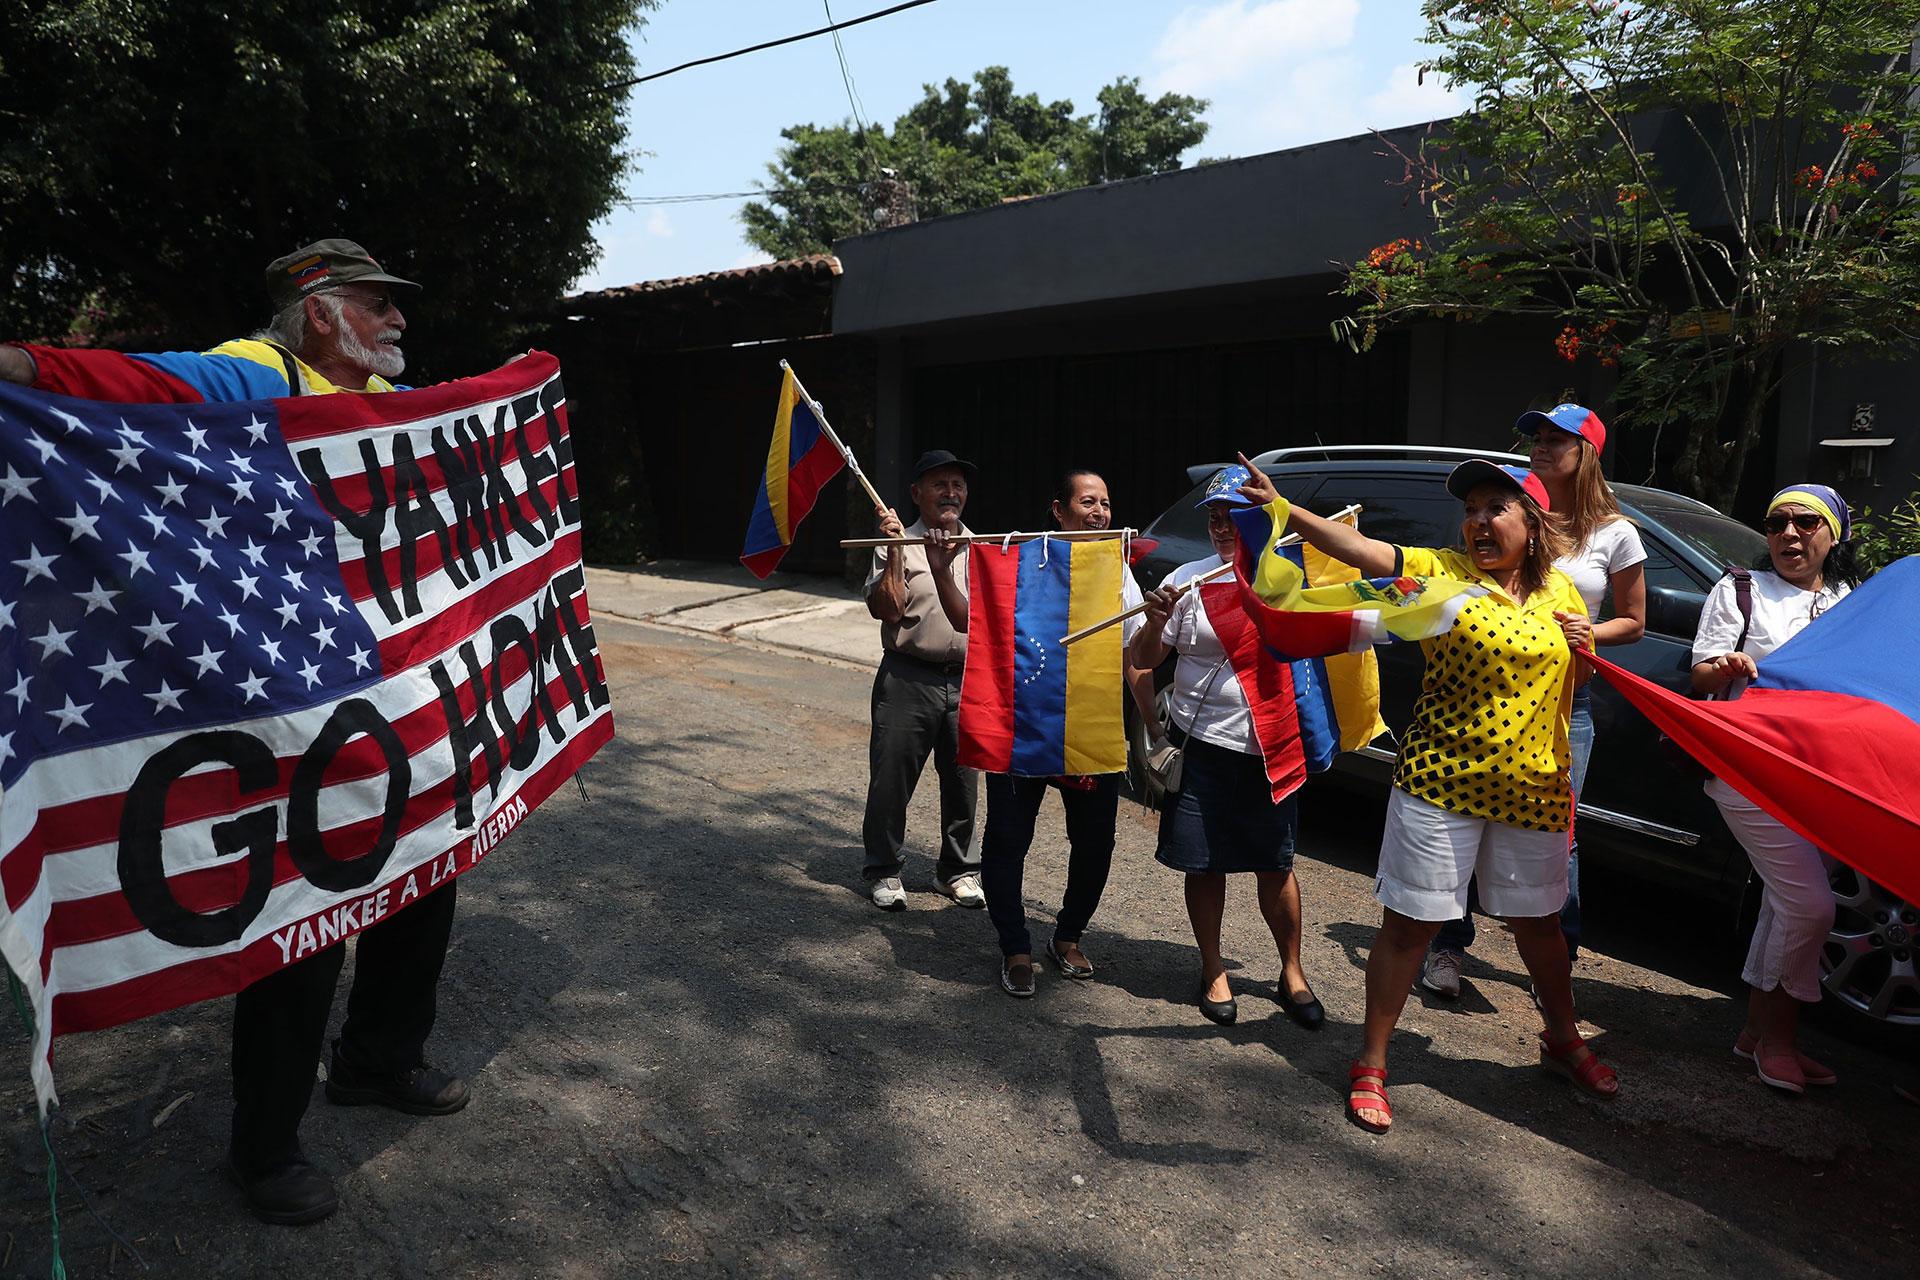 En San Salvador, un grupo de venezolanos discute con un simpatizante del Gobierno de Nicolás Maduro durante una concentración a las afueras de la embajada de Venezuelaen la capital salvadoreña por la movilizaciónen Caracas de Juan Guaidó junto al también opositor Leopoldo López y militares sublevados contra el chavismo